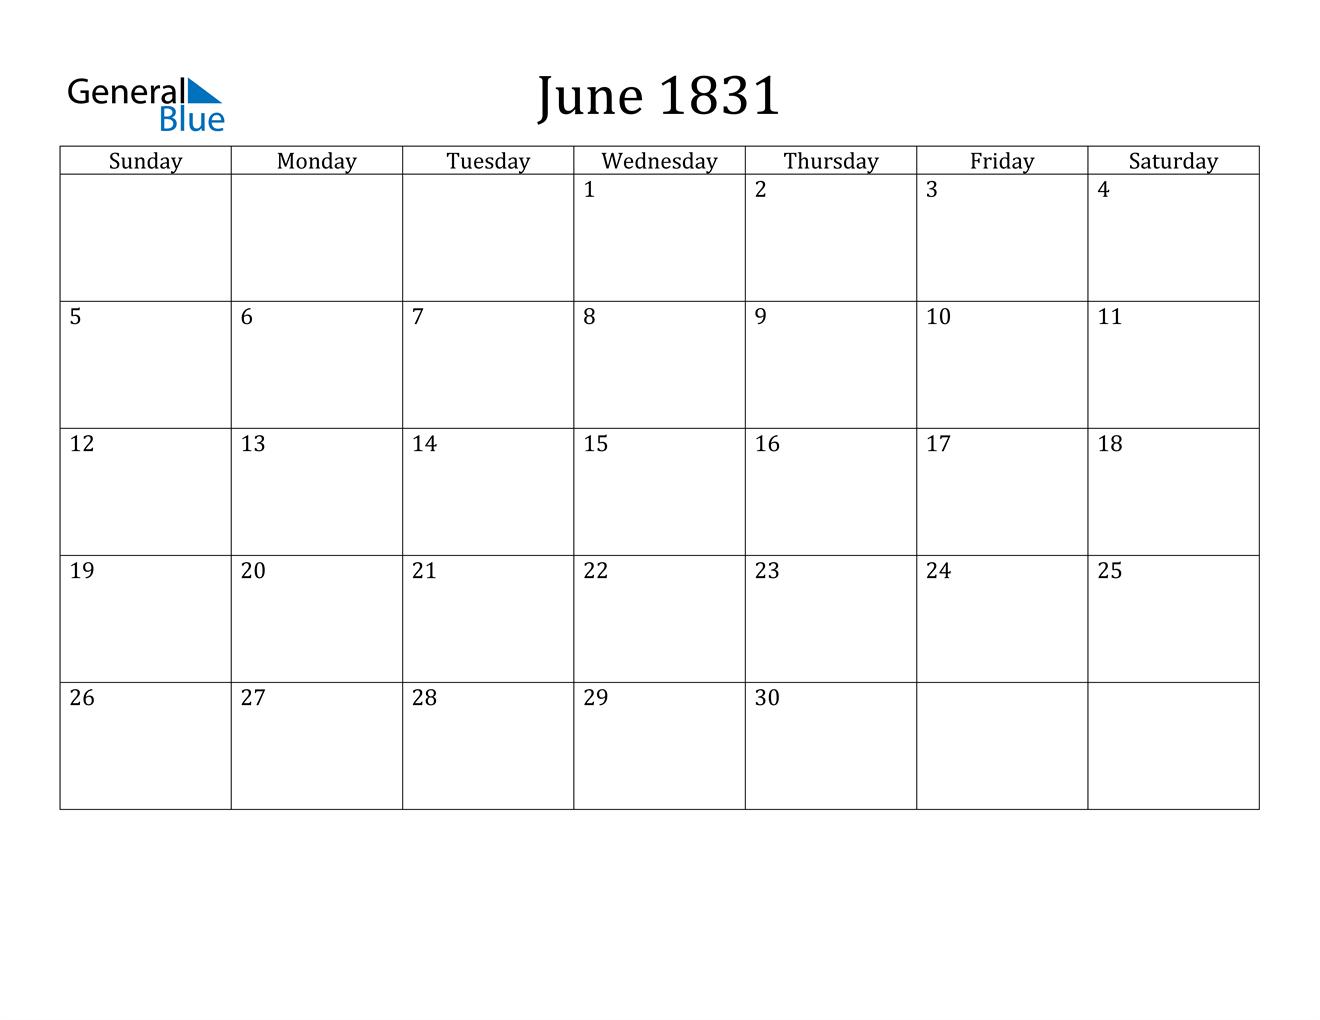 Image of June 1831 Calendar